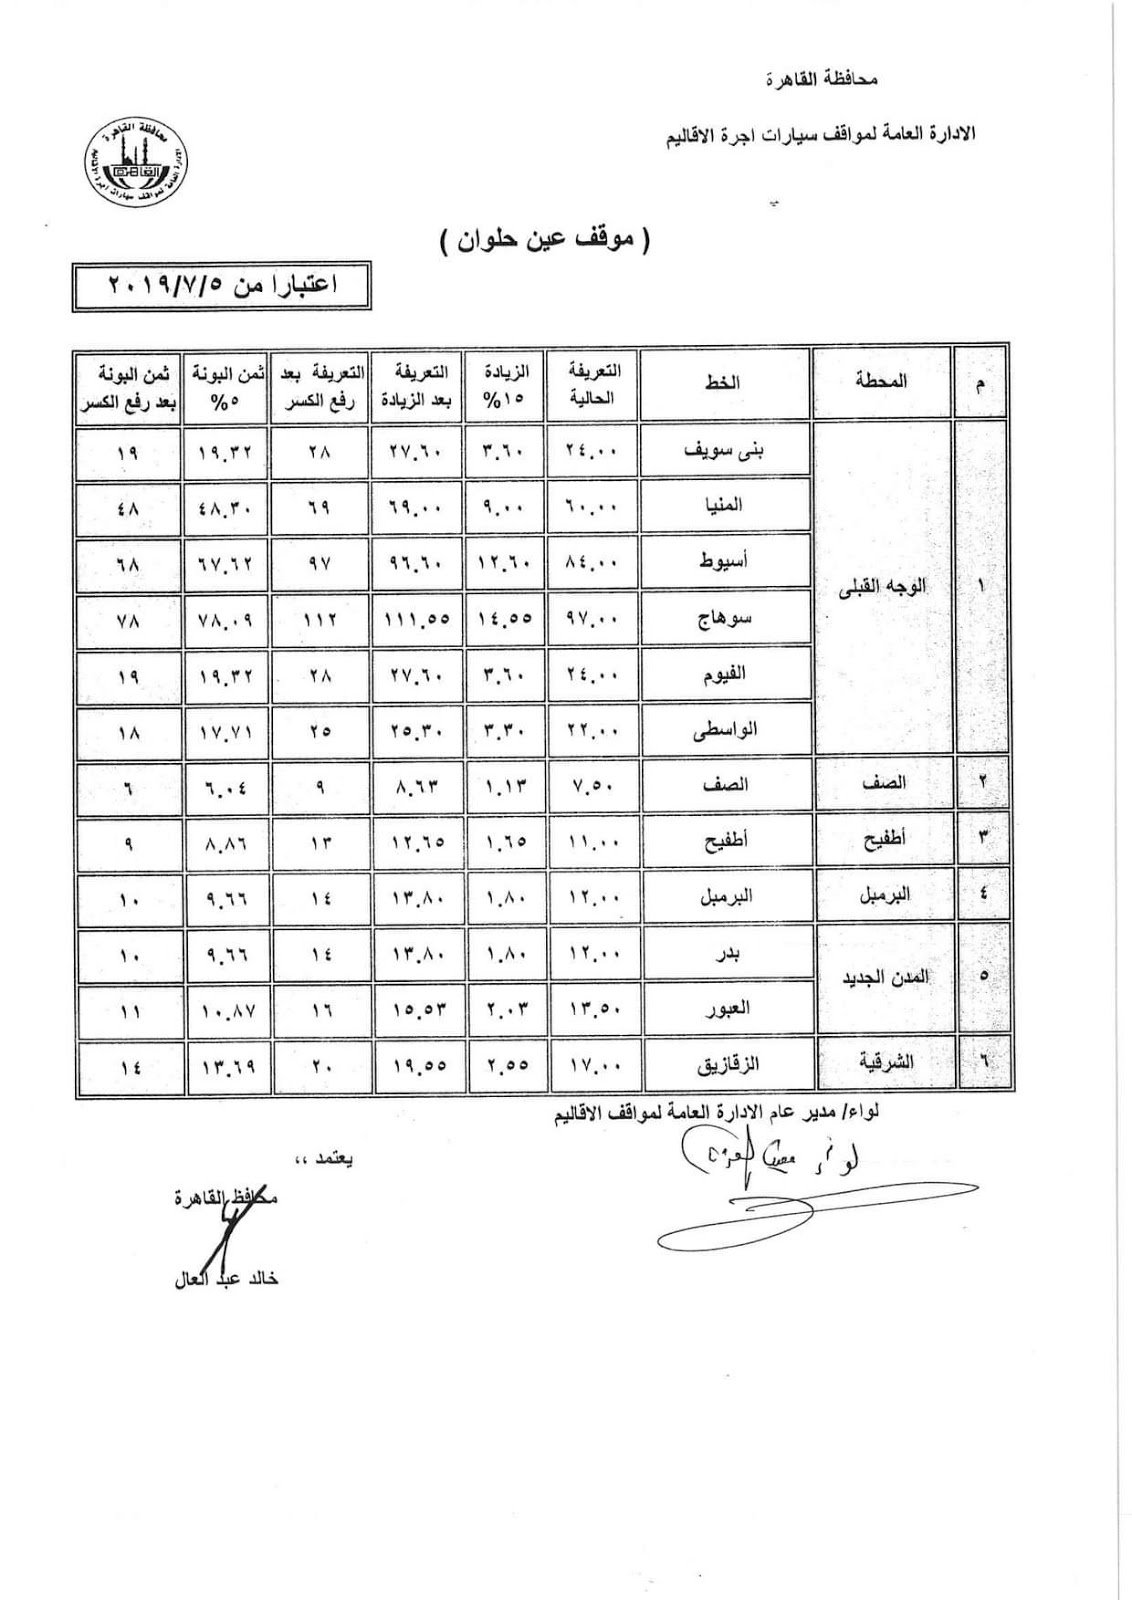 ننشر التعريفه الجديده للمواصلات داخل وبين المدن المصرية بعد زياده اسعار الوقود بجميع المحافظات FB_IMG_1562336588661